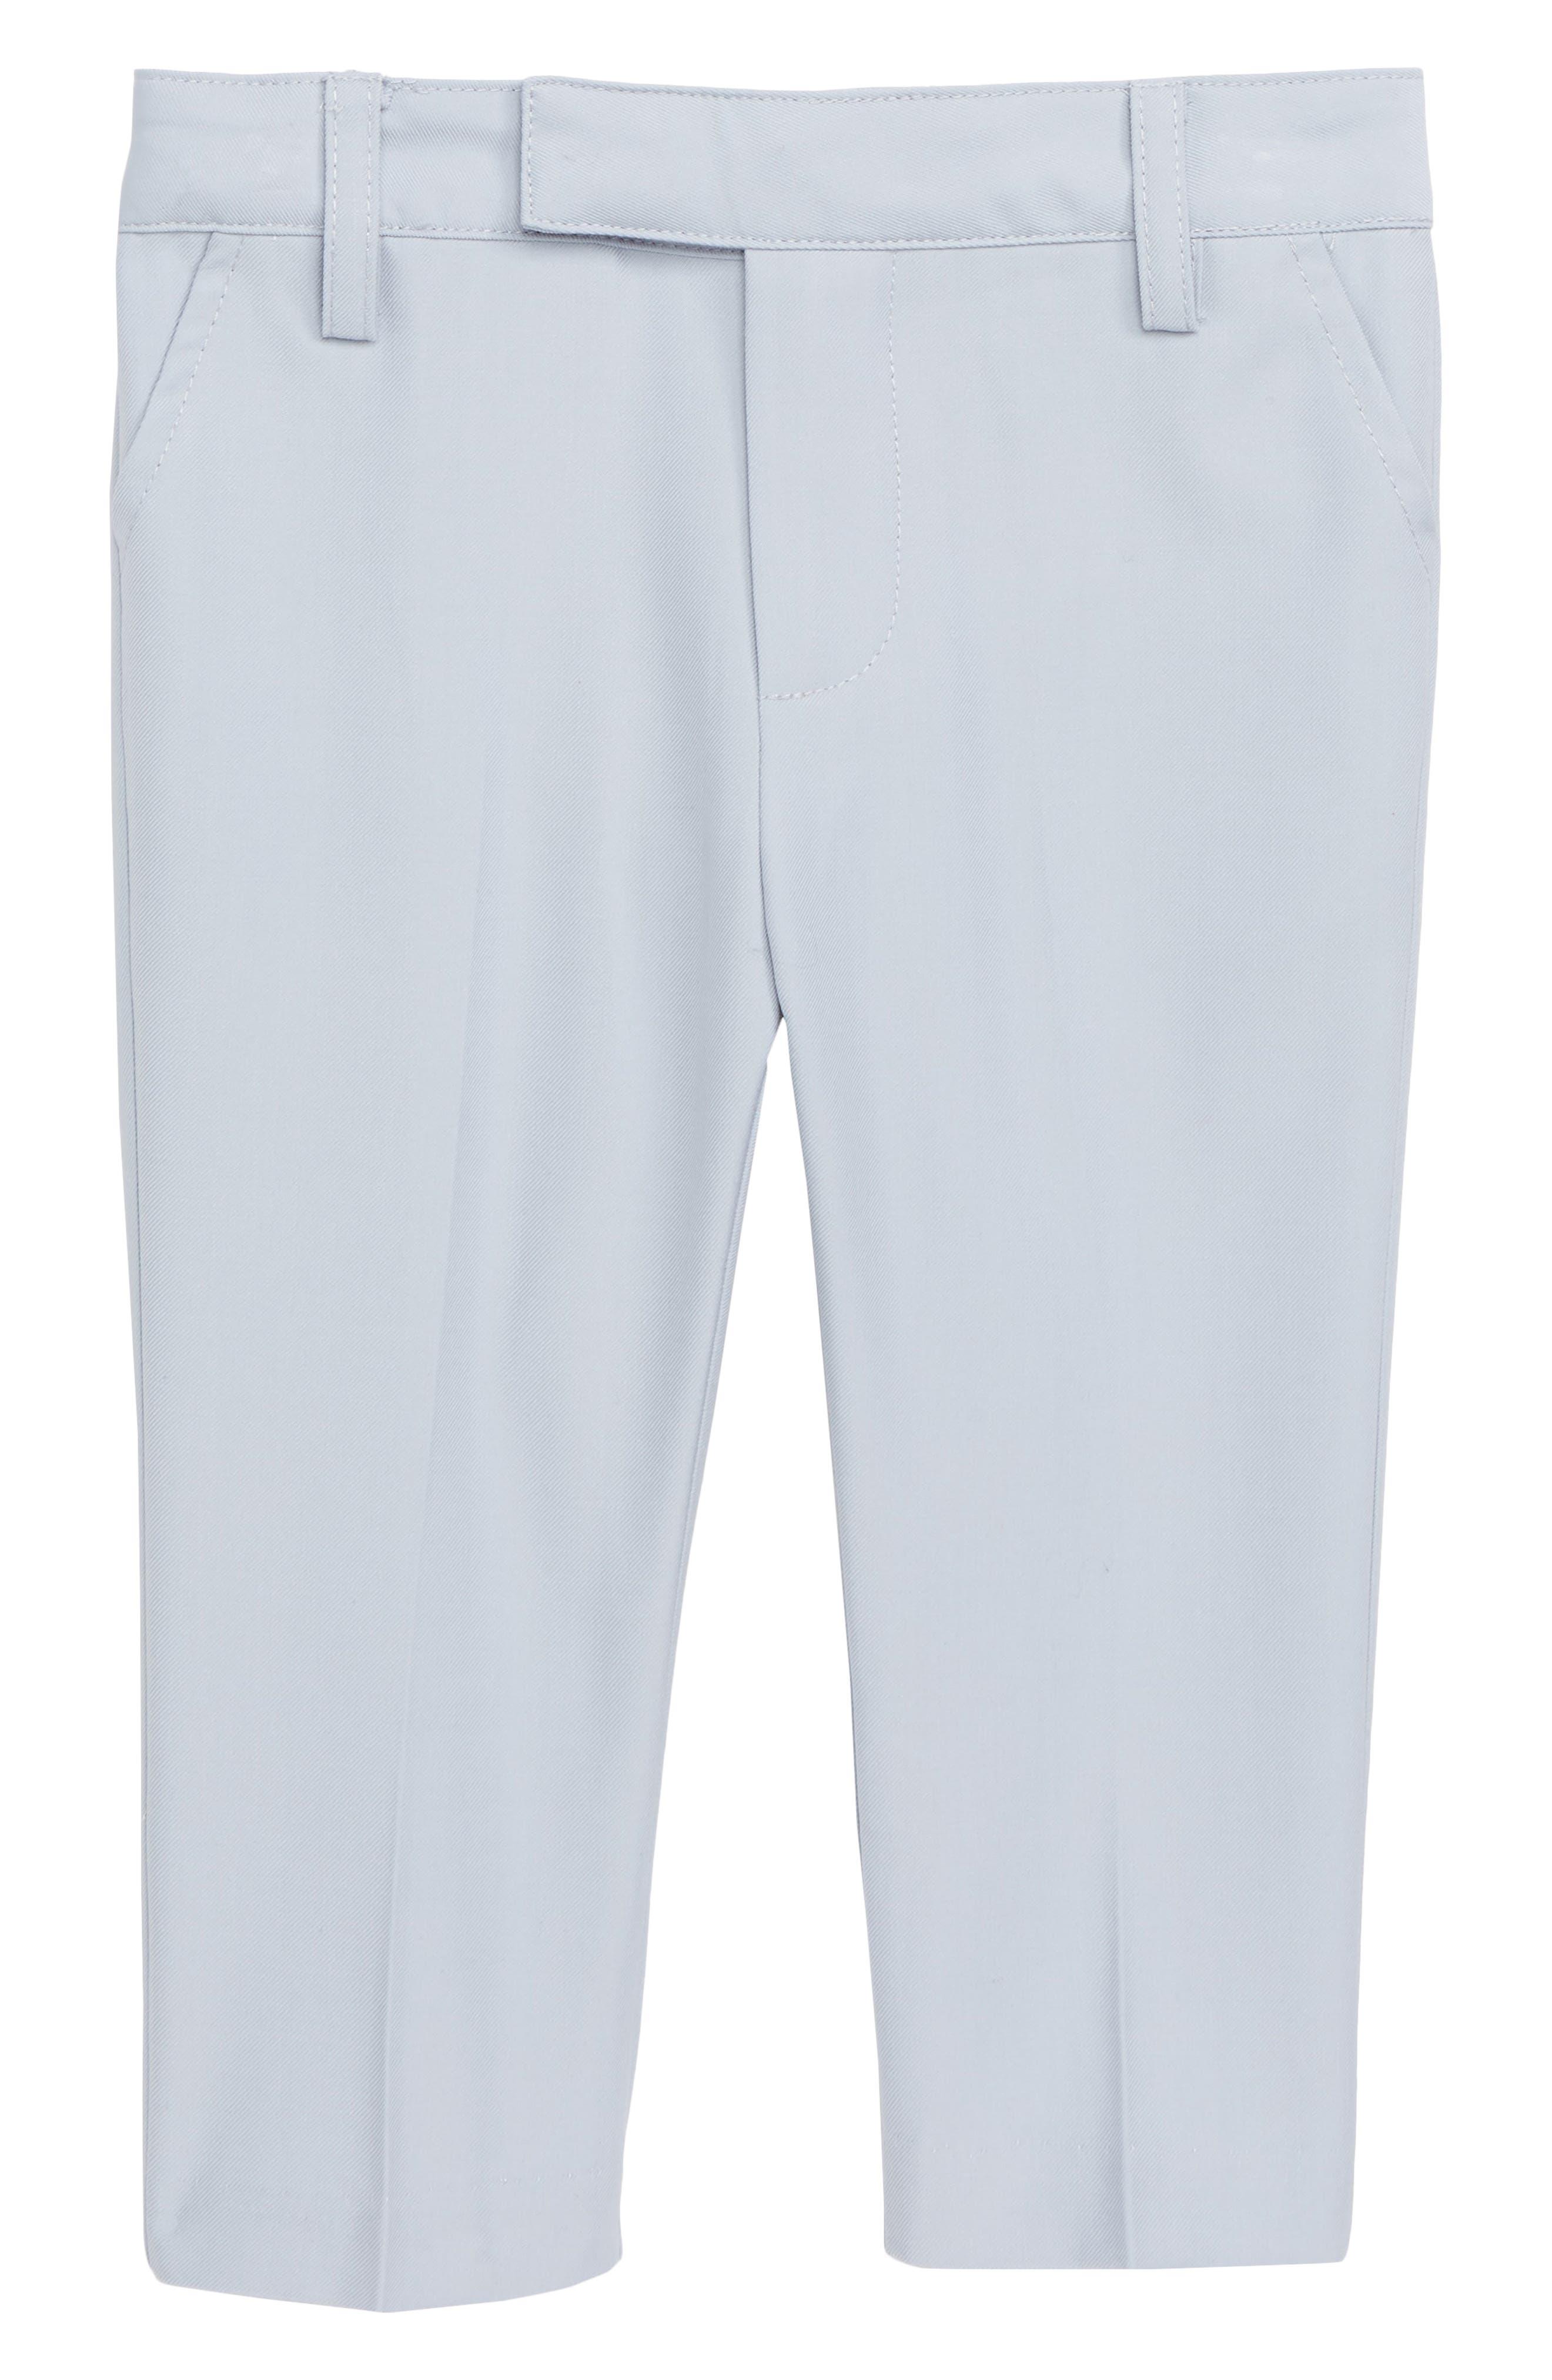 Harry Suit Pants,                         Main,                         color, 458